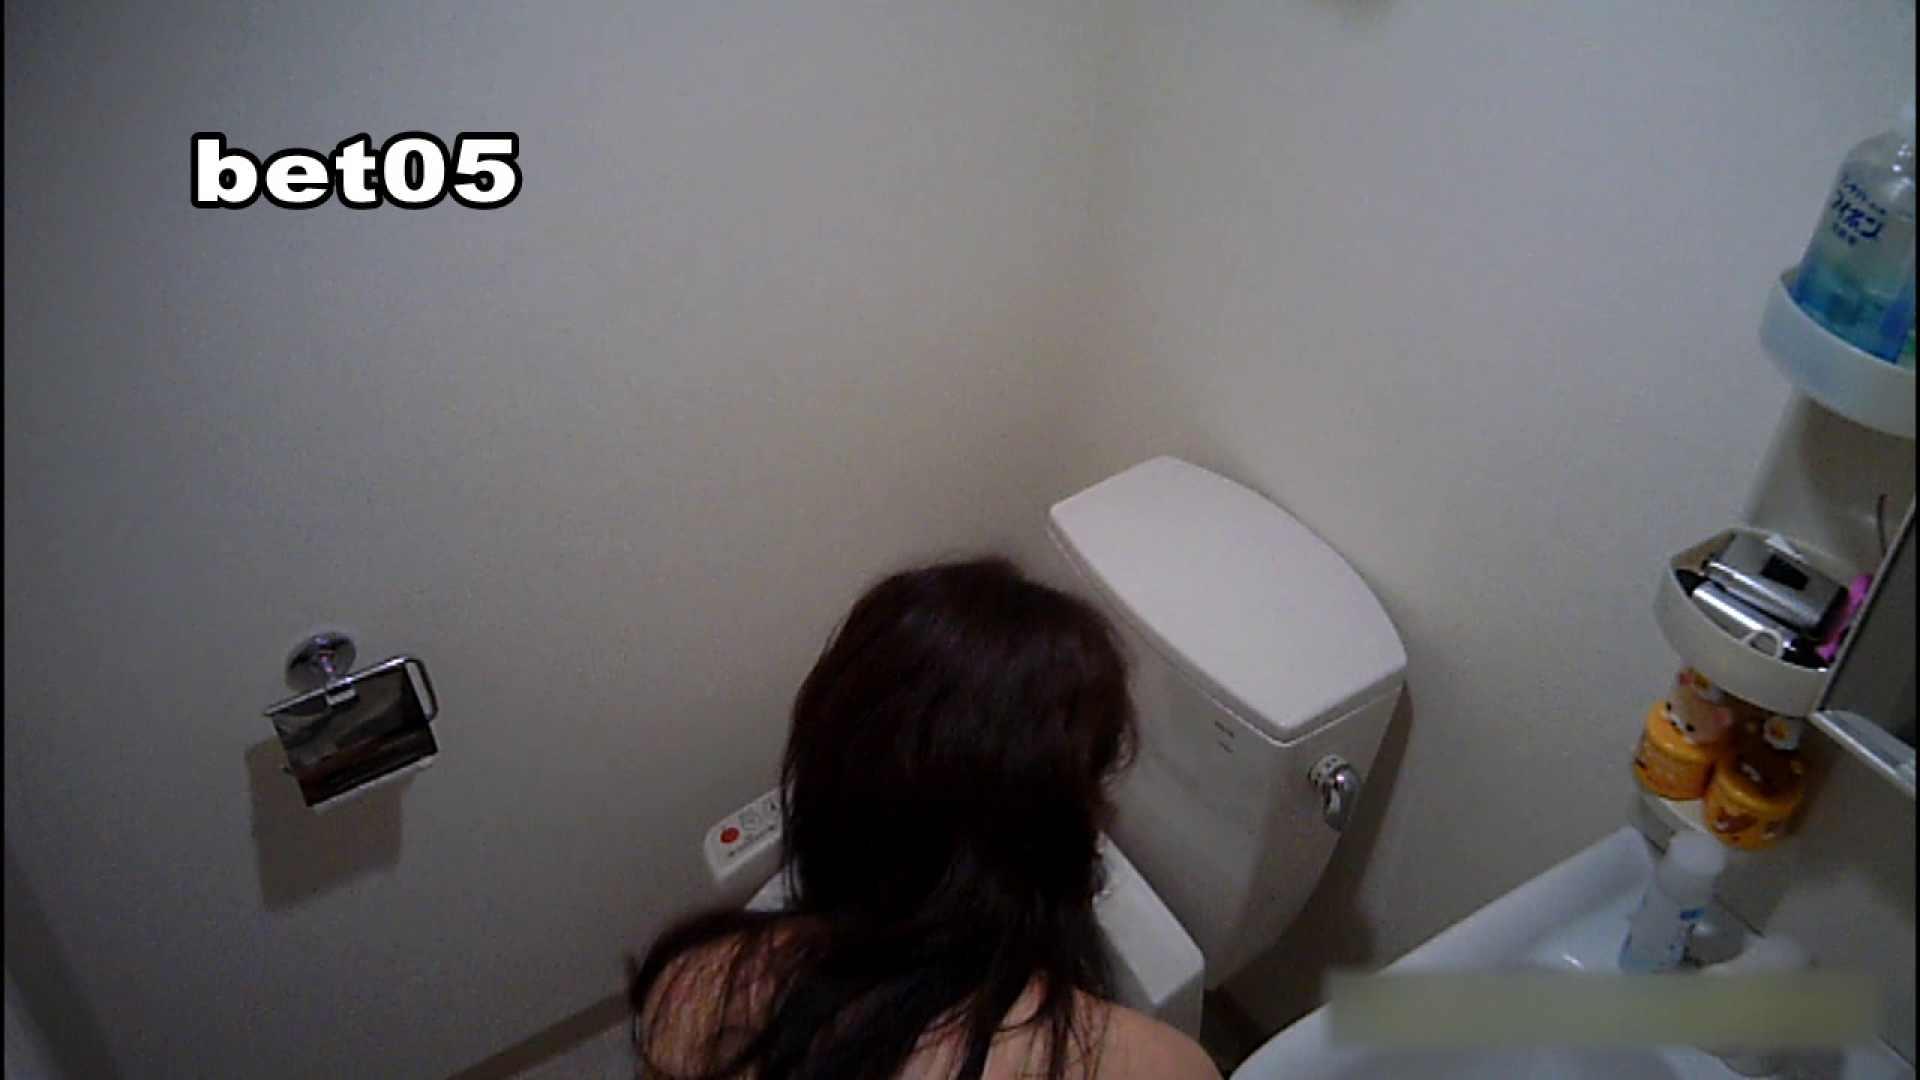 ミキ・大手旅行代理店勤務(24歳・仮名) vol.05 オマケで全裸洗面所も公開 リベンジ  100PIX 26